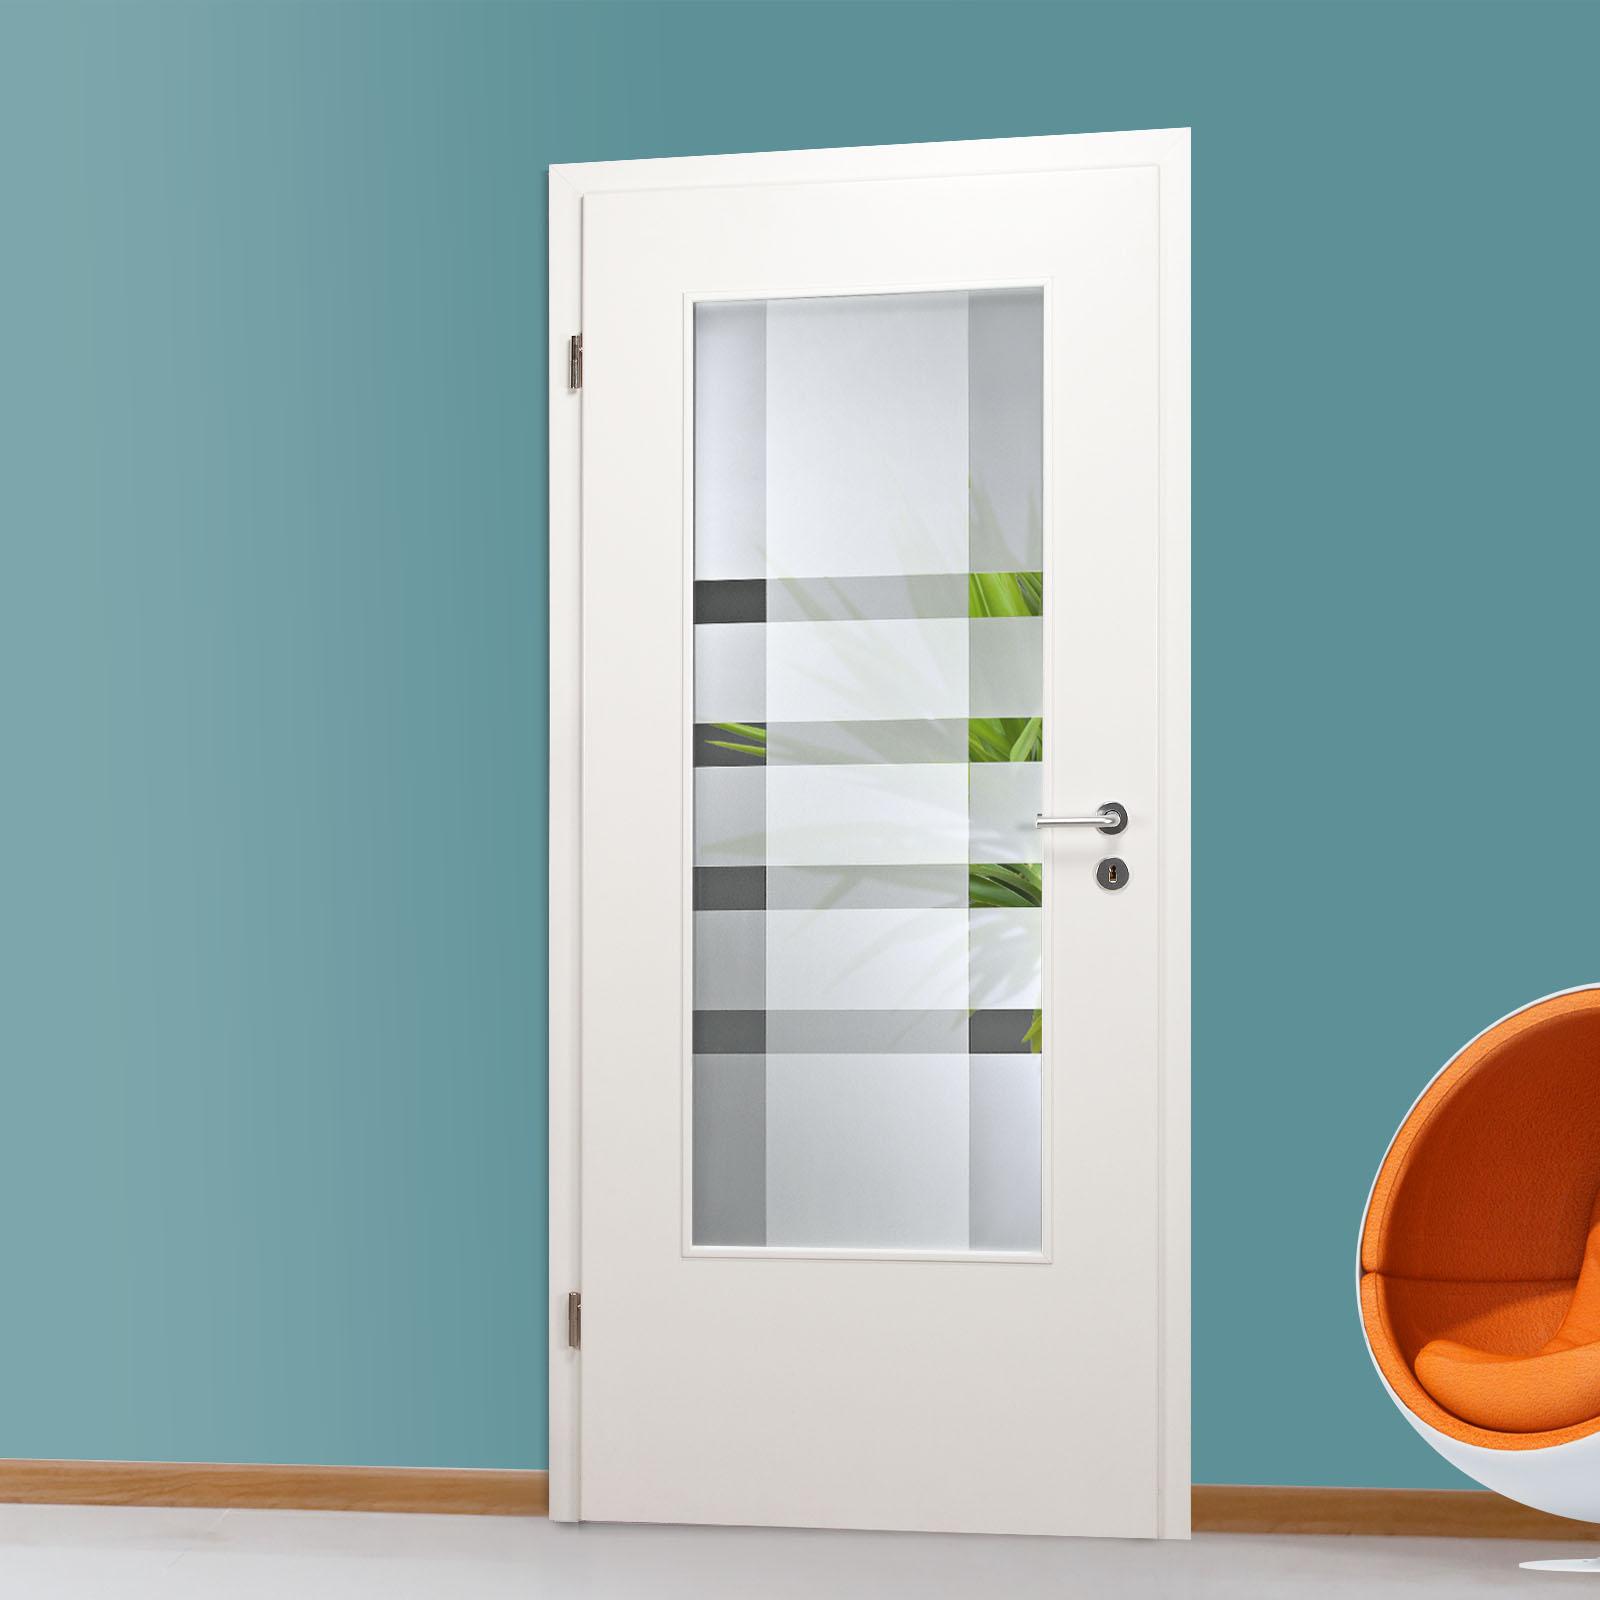 Berühmt Glaseinsatz für Holztür mit Dekor QSLA346-F auf Klarglas | eBay CQ57